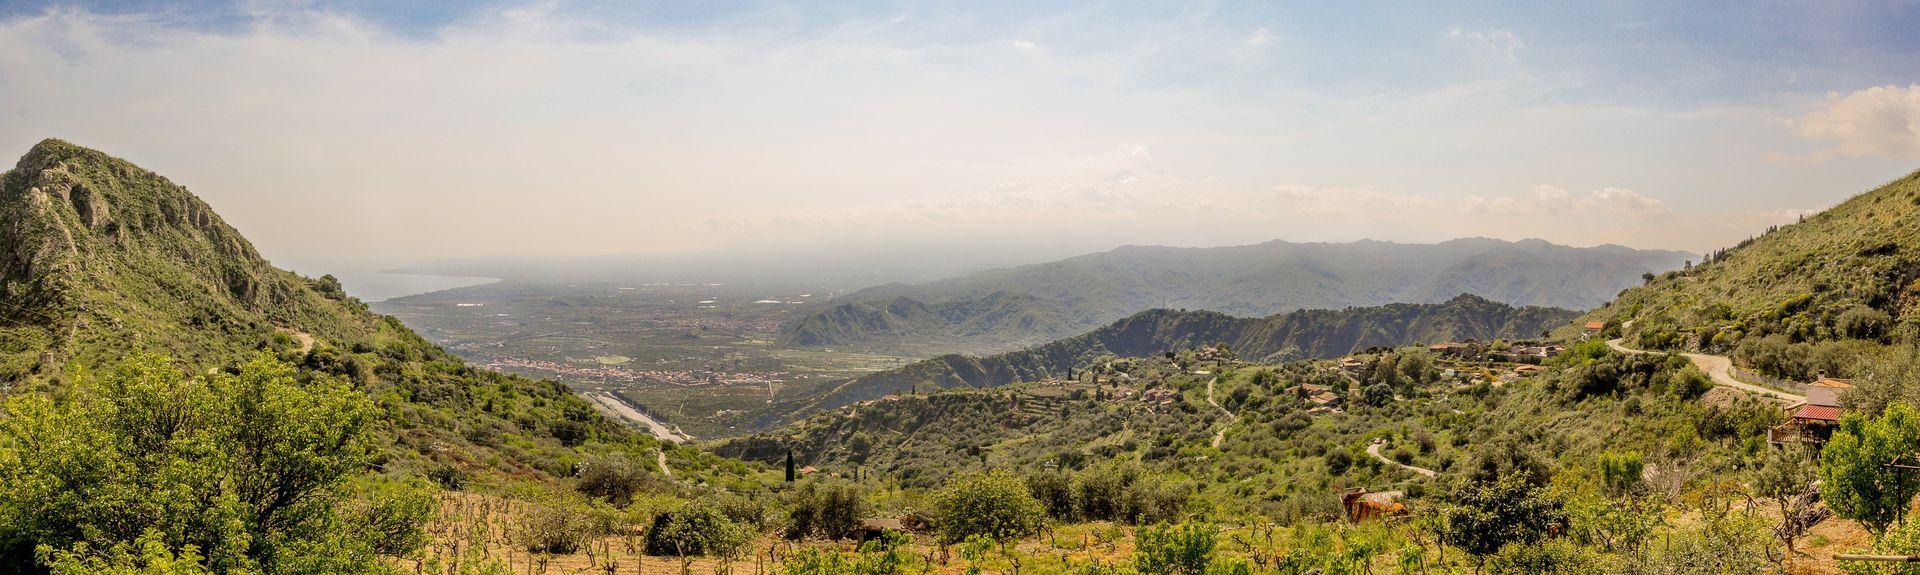 Santa Teresa Di Riva, Σικελία, Ιταλία